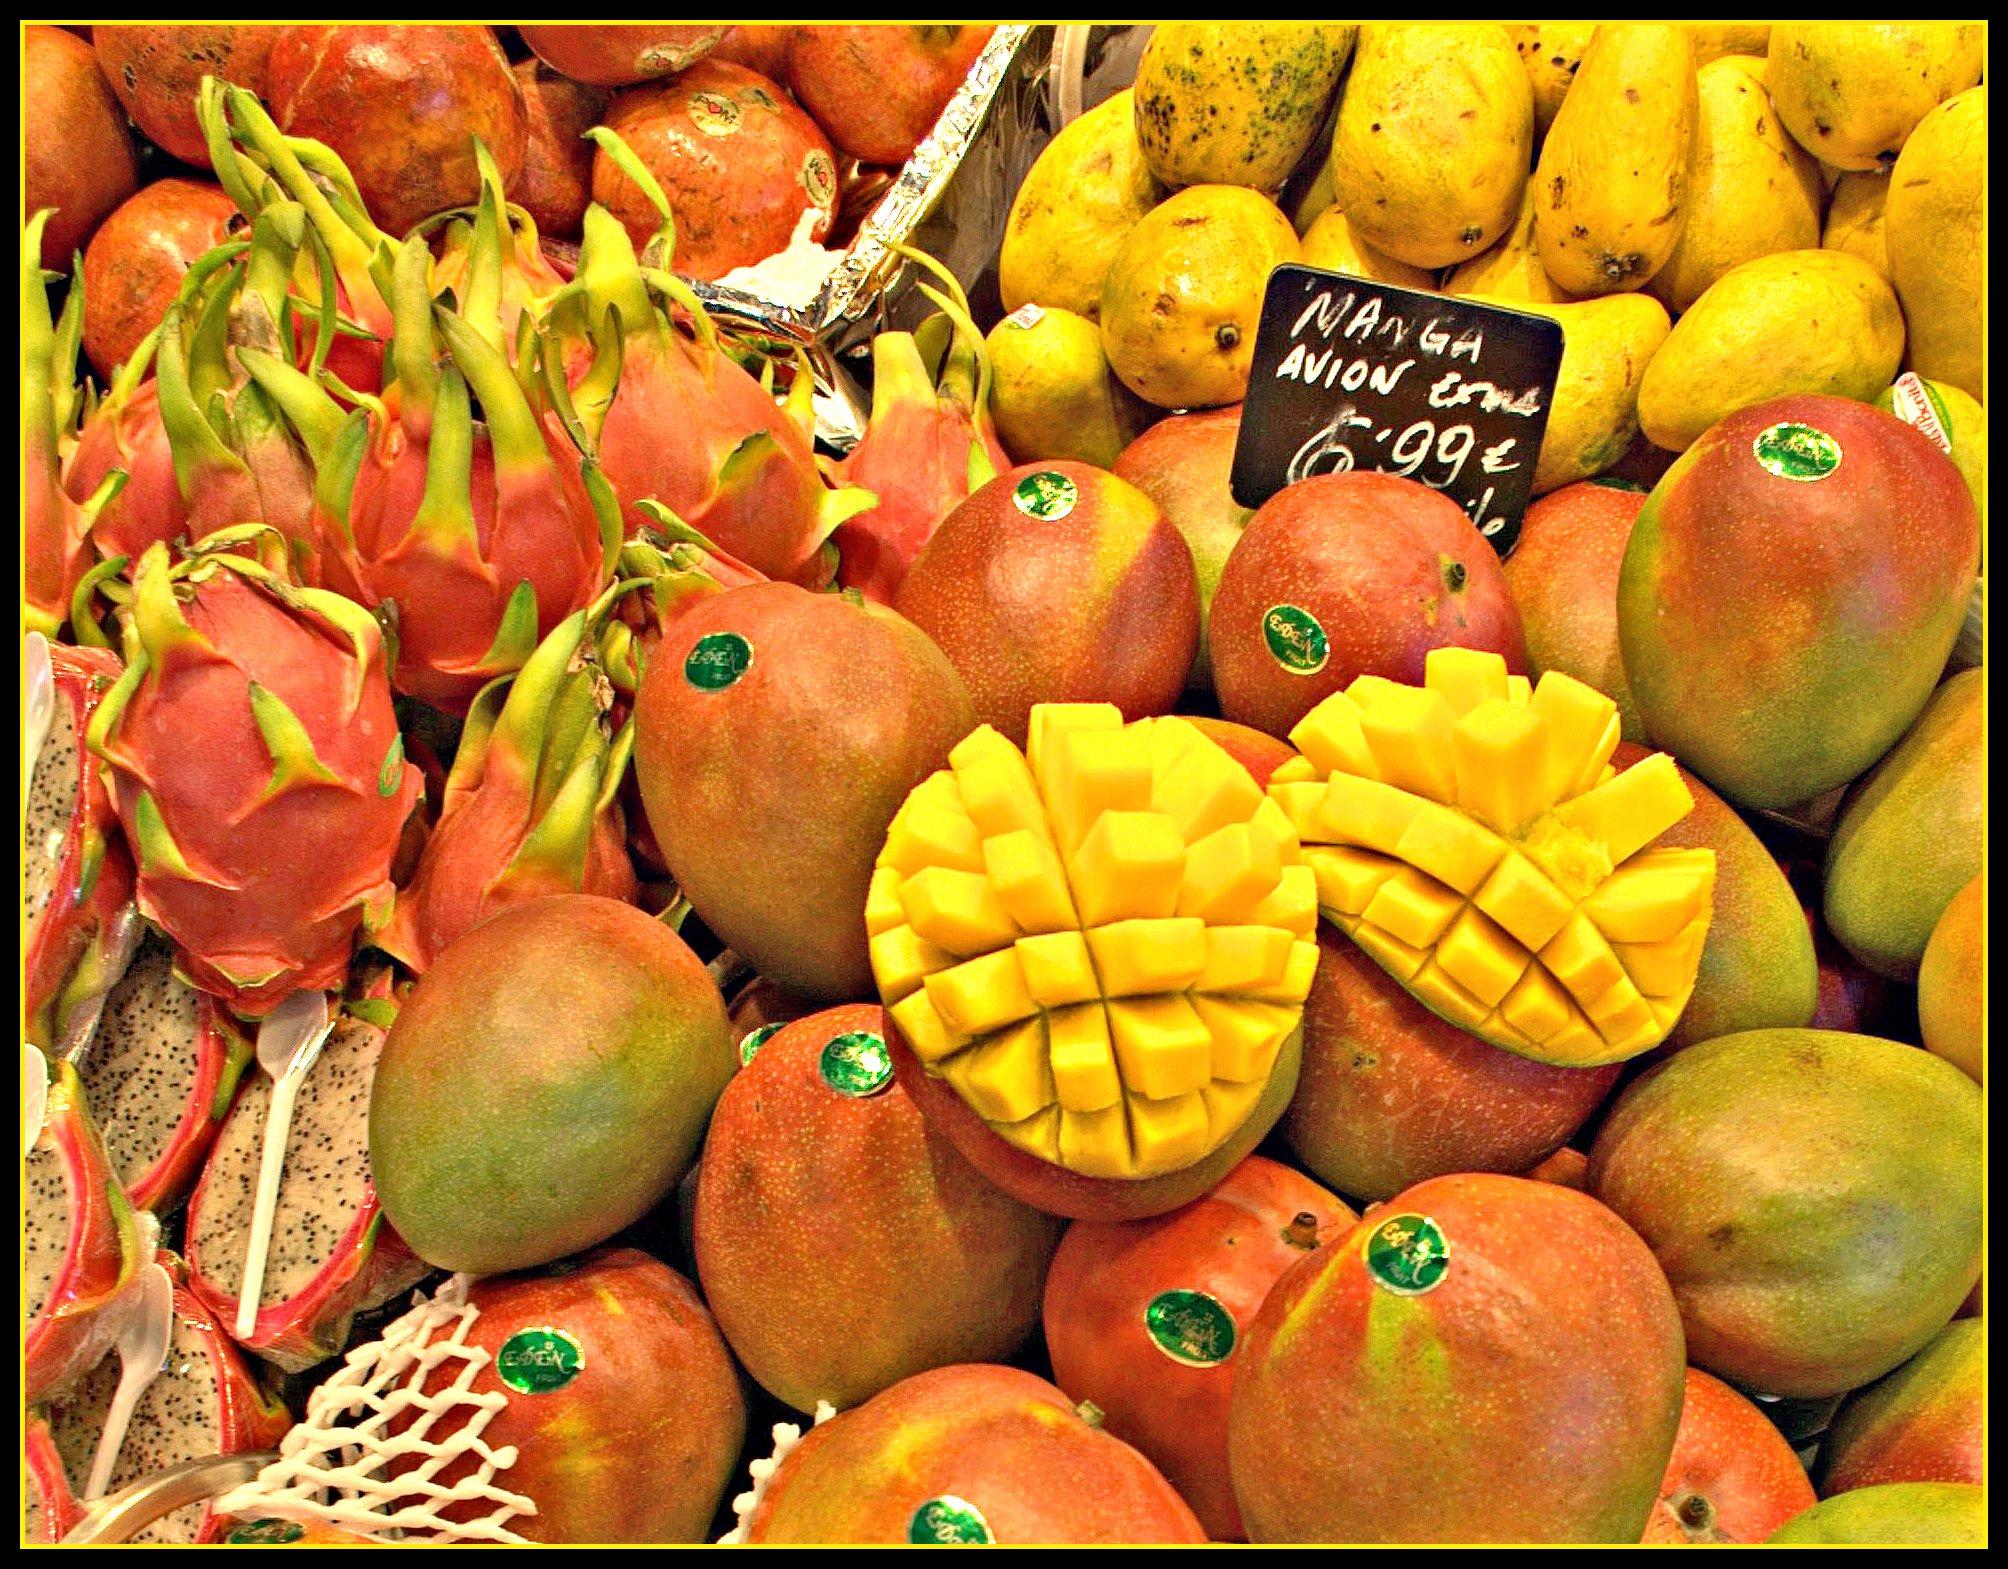 Mango, Mangoes, Recipes, Tropics, Tropical